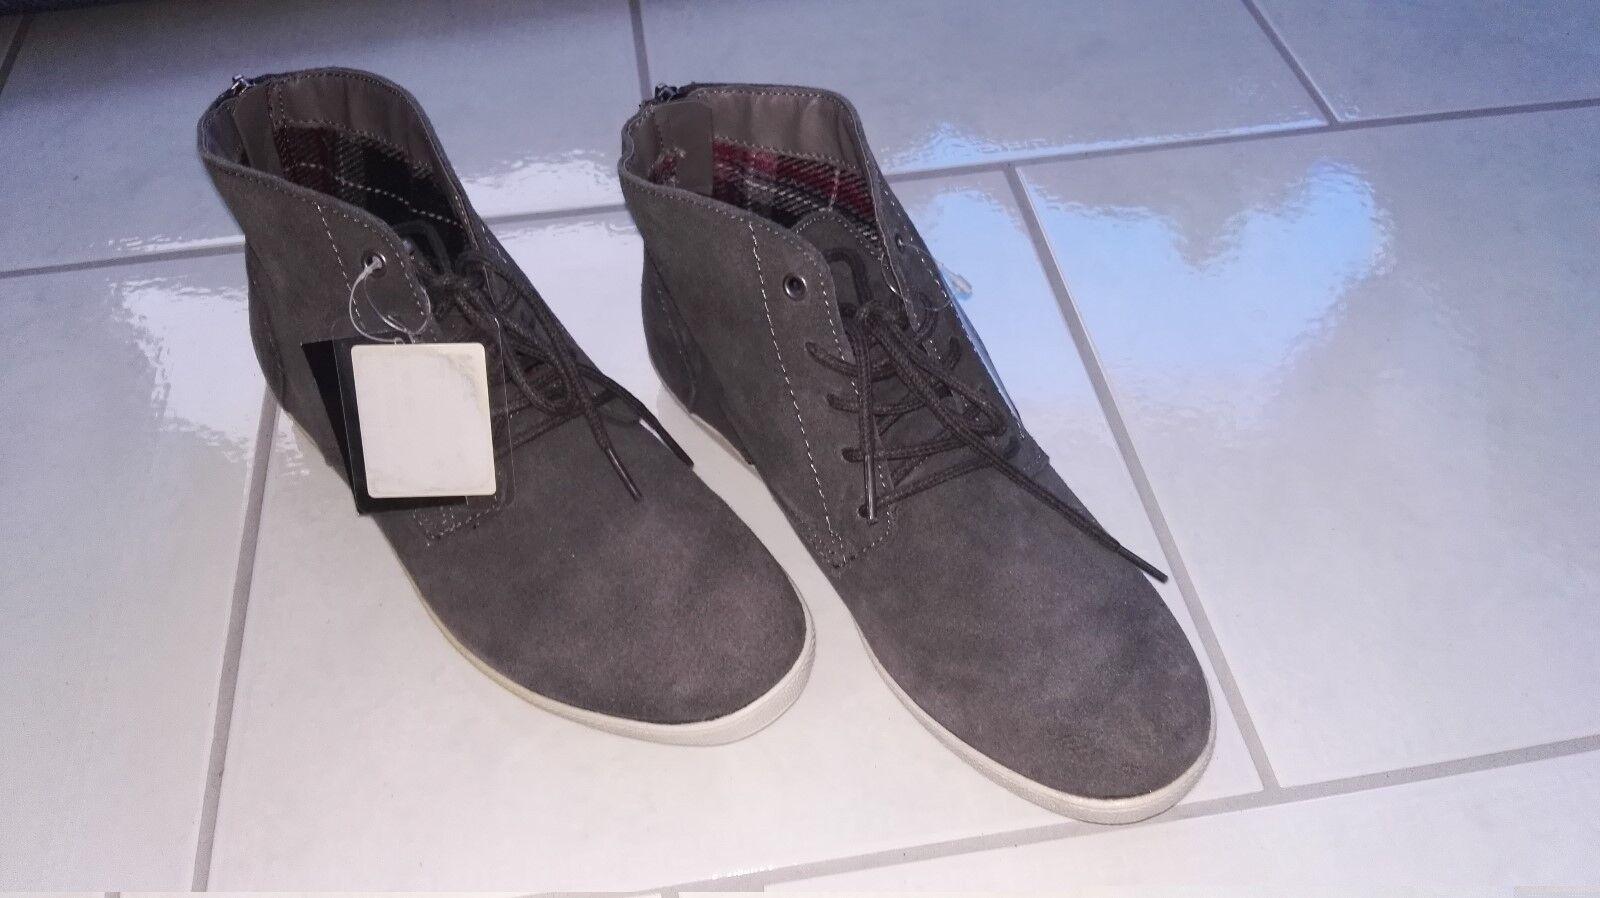 Dockers Dockers Dockers Schuhe Gr. 41 grau Schuhe Sneacker Halbschuhe NEU angenehm zu tragen 453df7